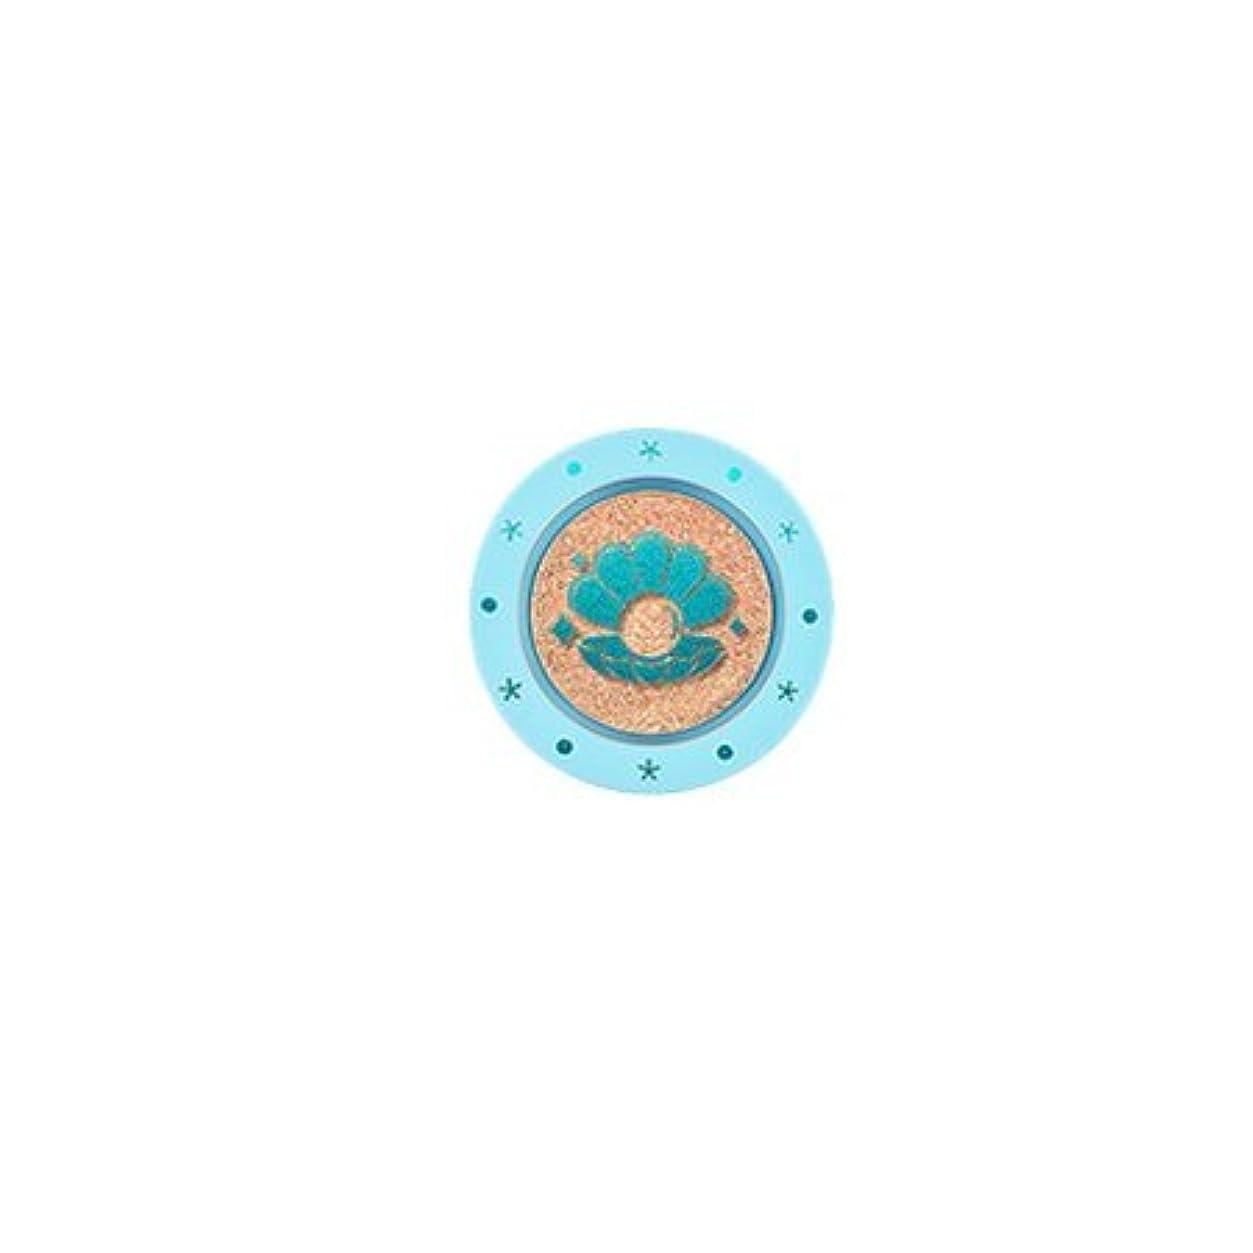 動揺させるフレキシブルシリアルアリタウム マーメイド コレクション モノ アイズ 1.4g / ARITAUM Mono Eyes Mermaid Collection (# S25 Gold Glow) [並行輸入品]